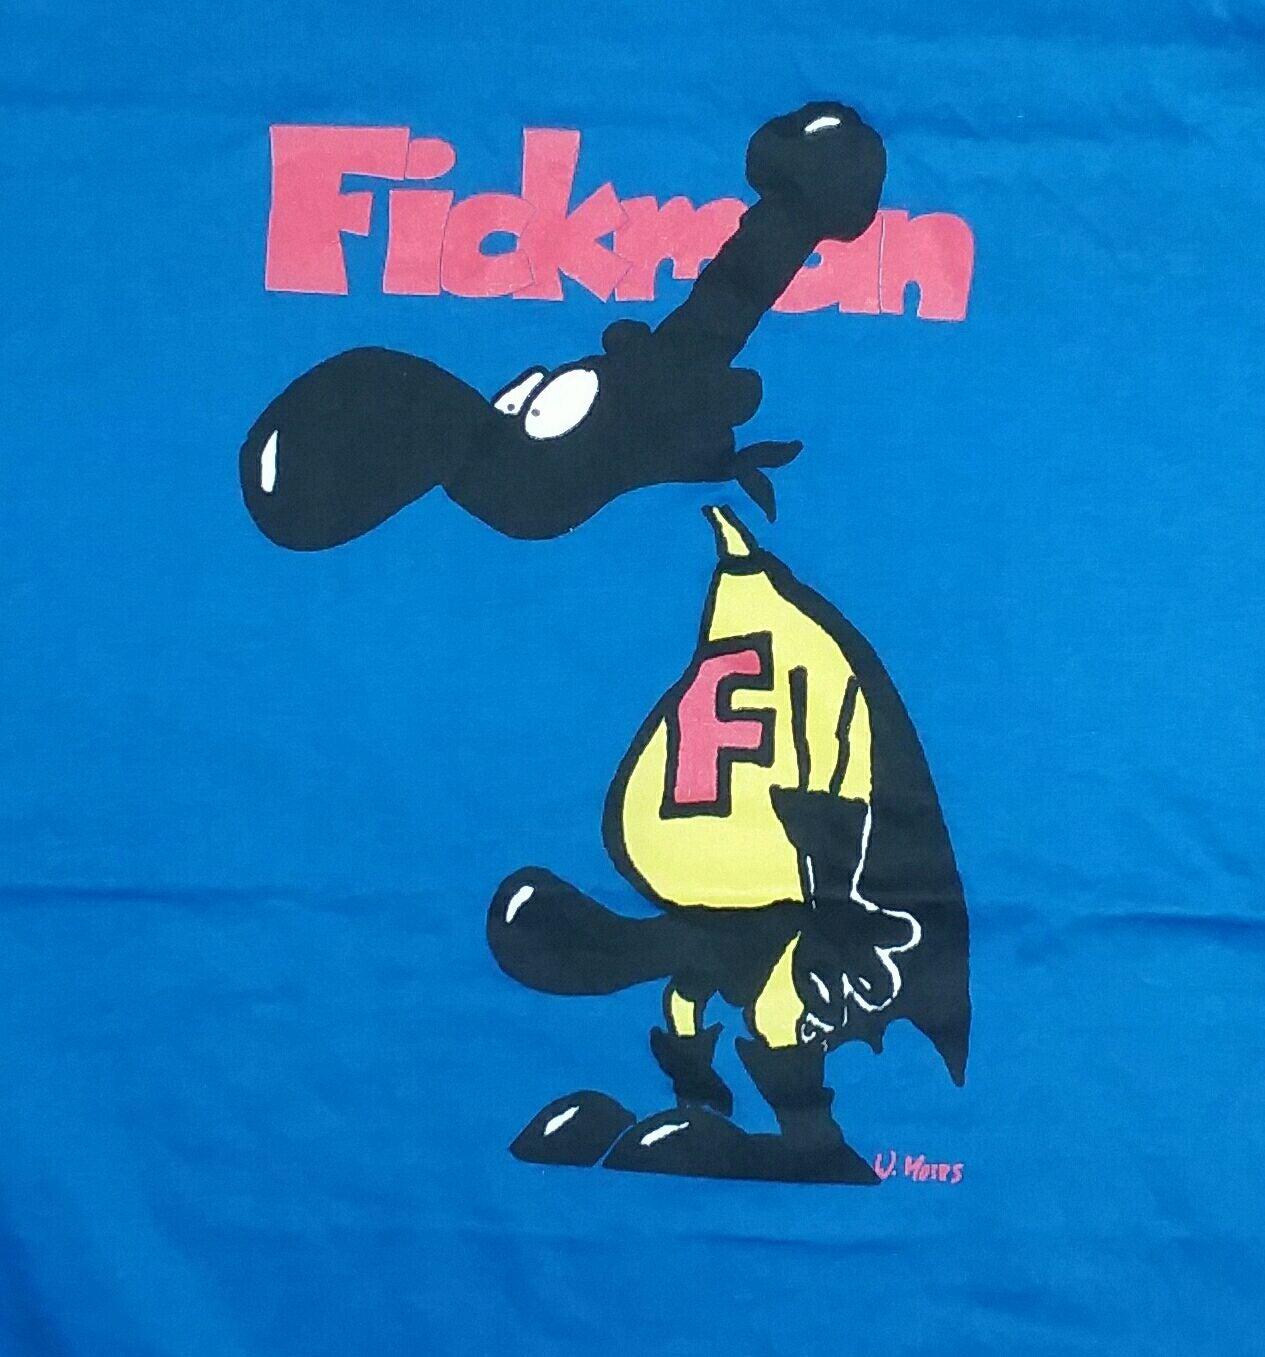 Weird funny Fickman t shirt superman